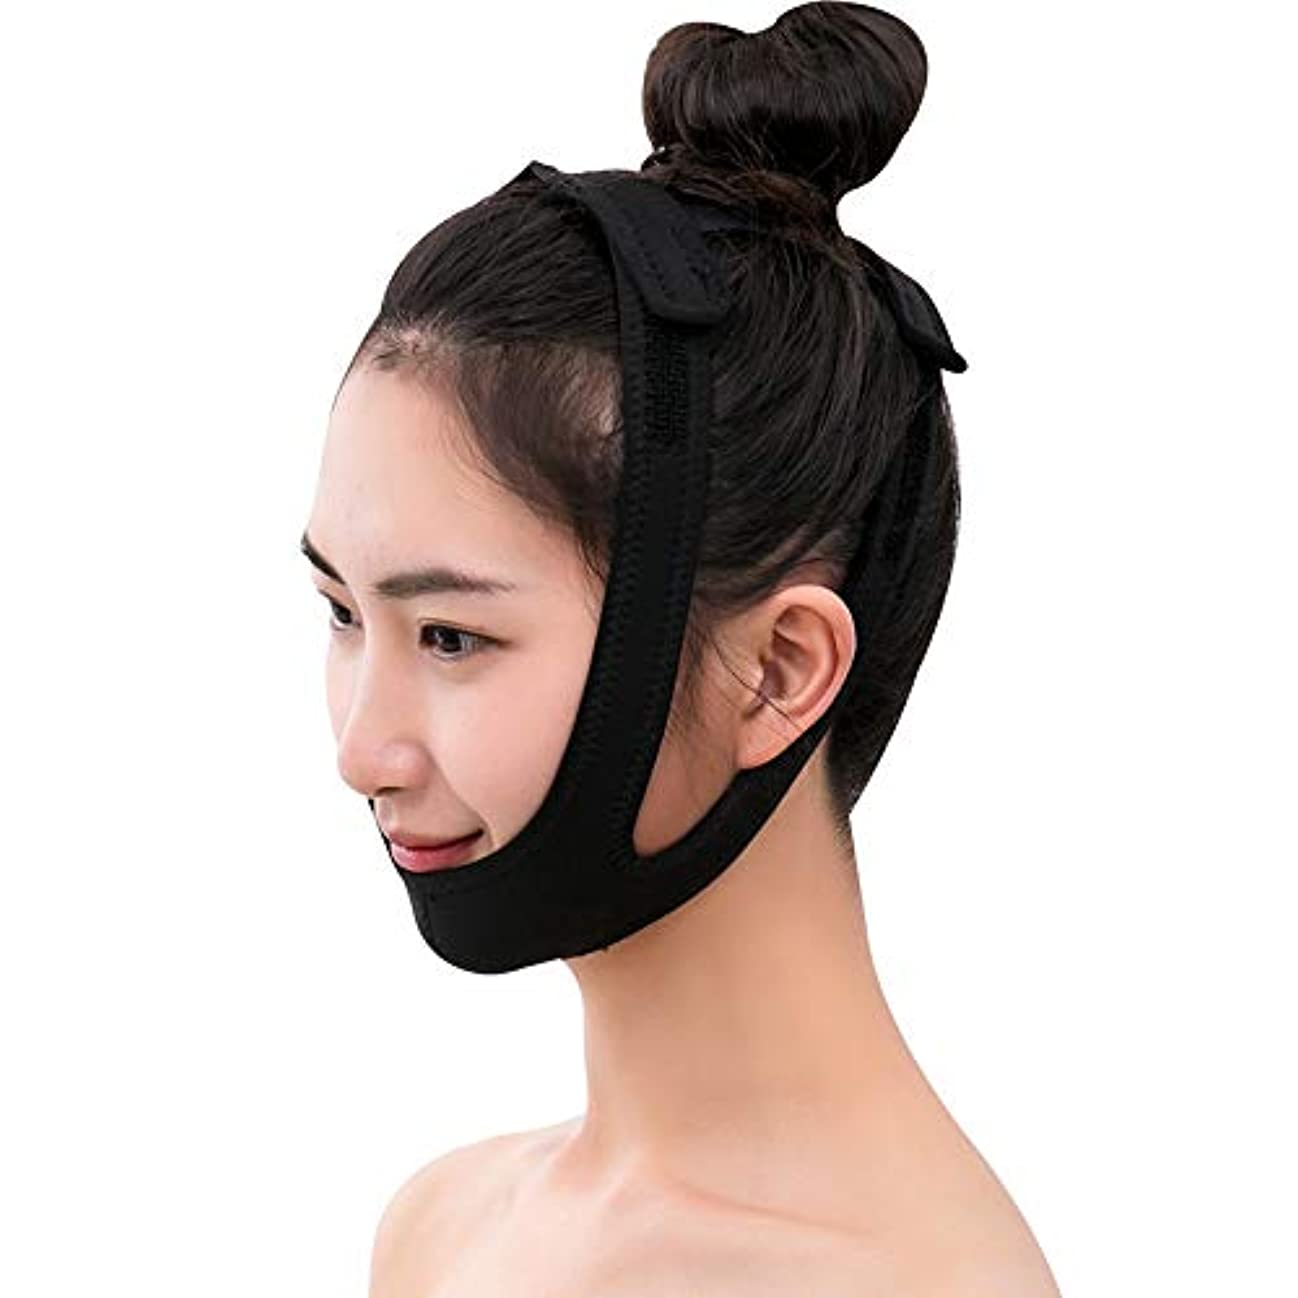 魅力的ミルクラッシュフェイスリフティング包帯、Vフェイス睡眠フェイスマスク、整形と持ち上げ、ダブルチンストラップ